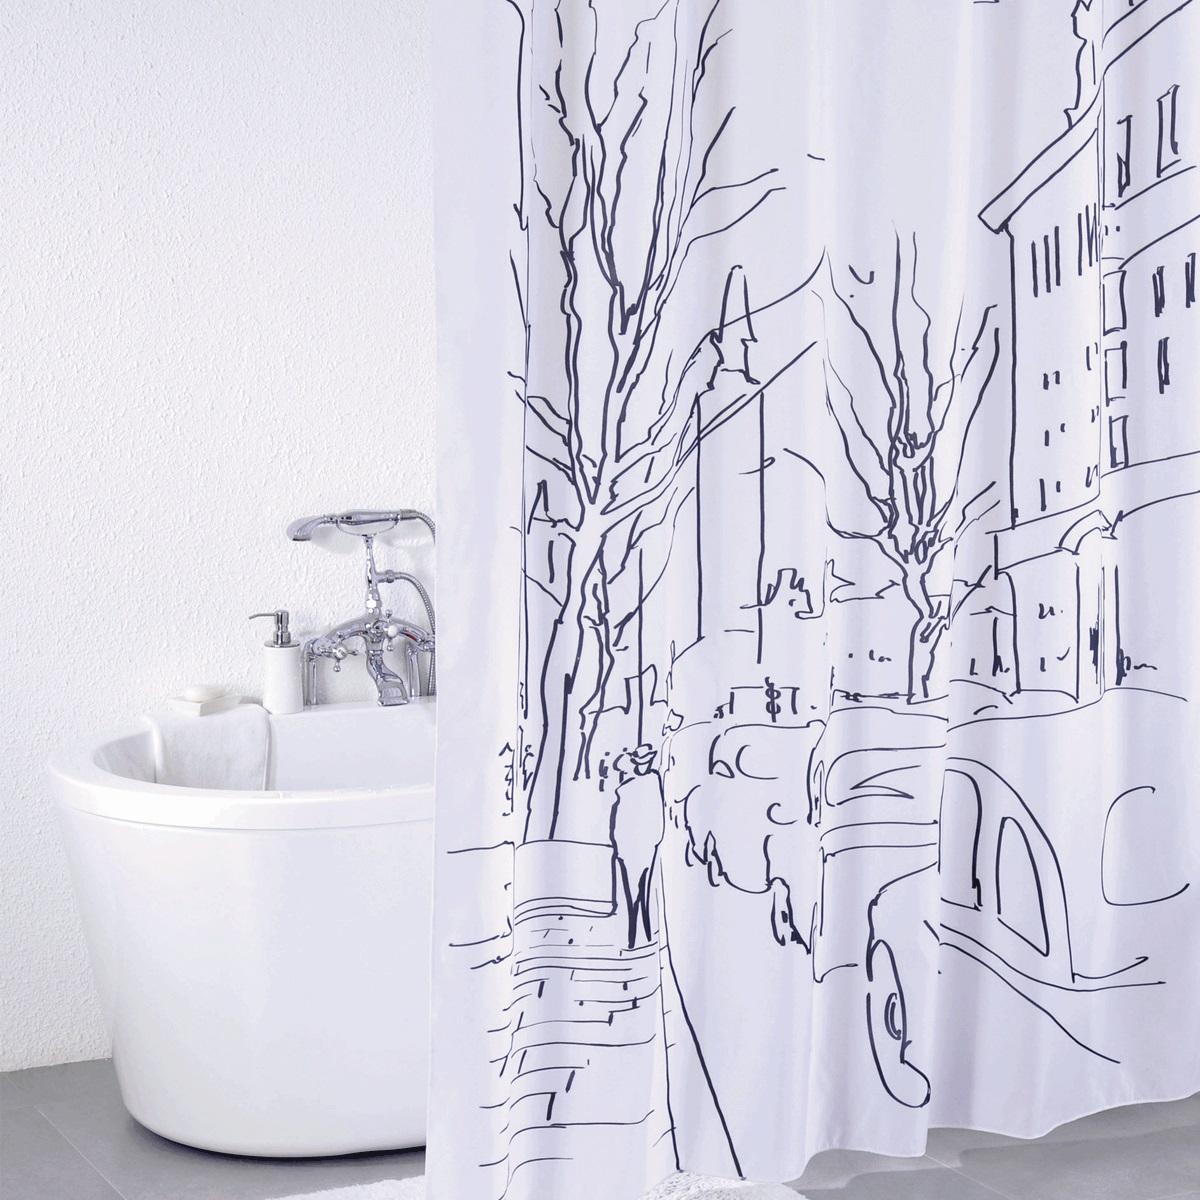 Штора для ванной Iddis Polar Bear, цвет: белый, черный, 180 x 200 смSCID170PШтора для ванной комнаты Iddis выполнена из быстросохнущего материала - 100% полиэстера, что обеспечивает прочность изделия и легкость ухода за ним.Материал шторы пропитан специальным водоотталкивающим составом Waterprof.Изделие изготовлено из экологически-чистого материала, оно обладает высокой степенью гигиеничности, не вызывает аллергических реакций.Штора имеет 12 металлических люверсов. В комплекте: штора и кольца.